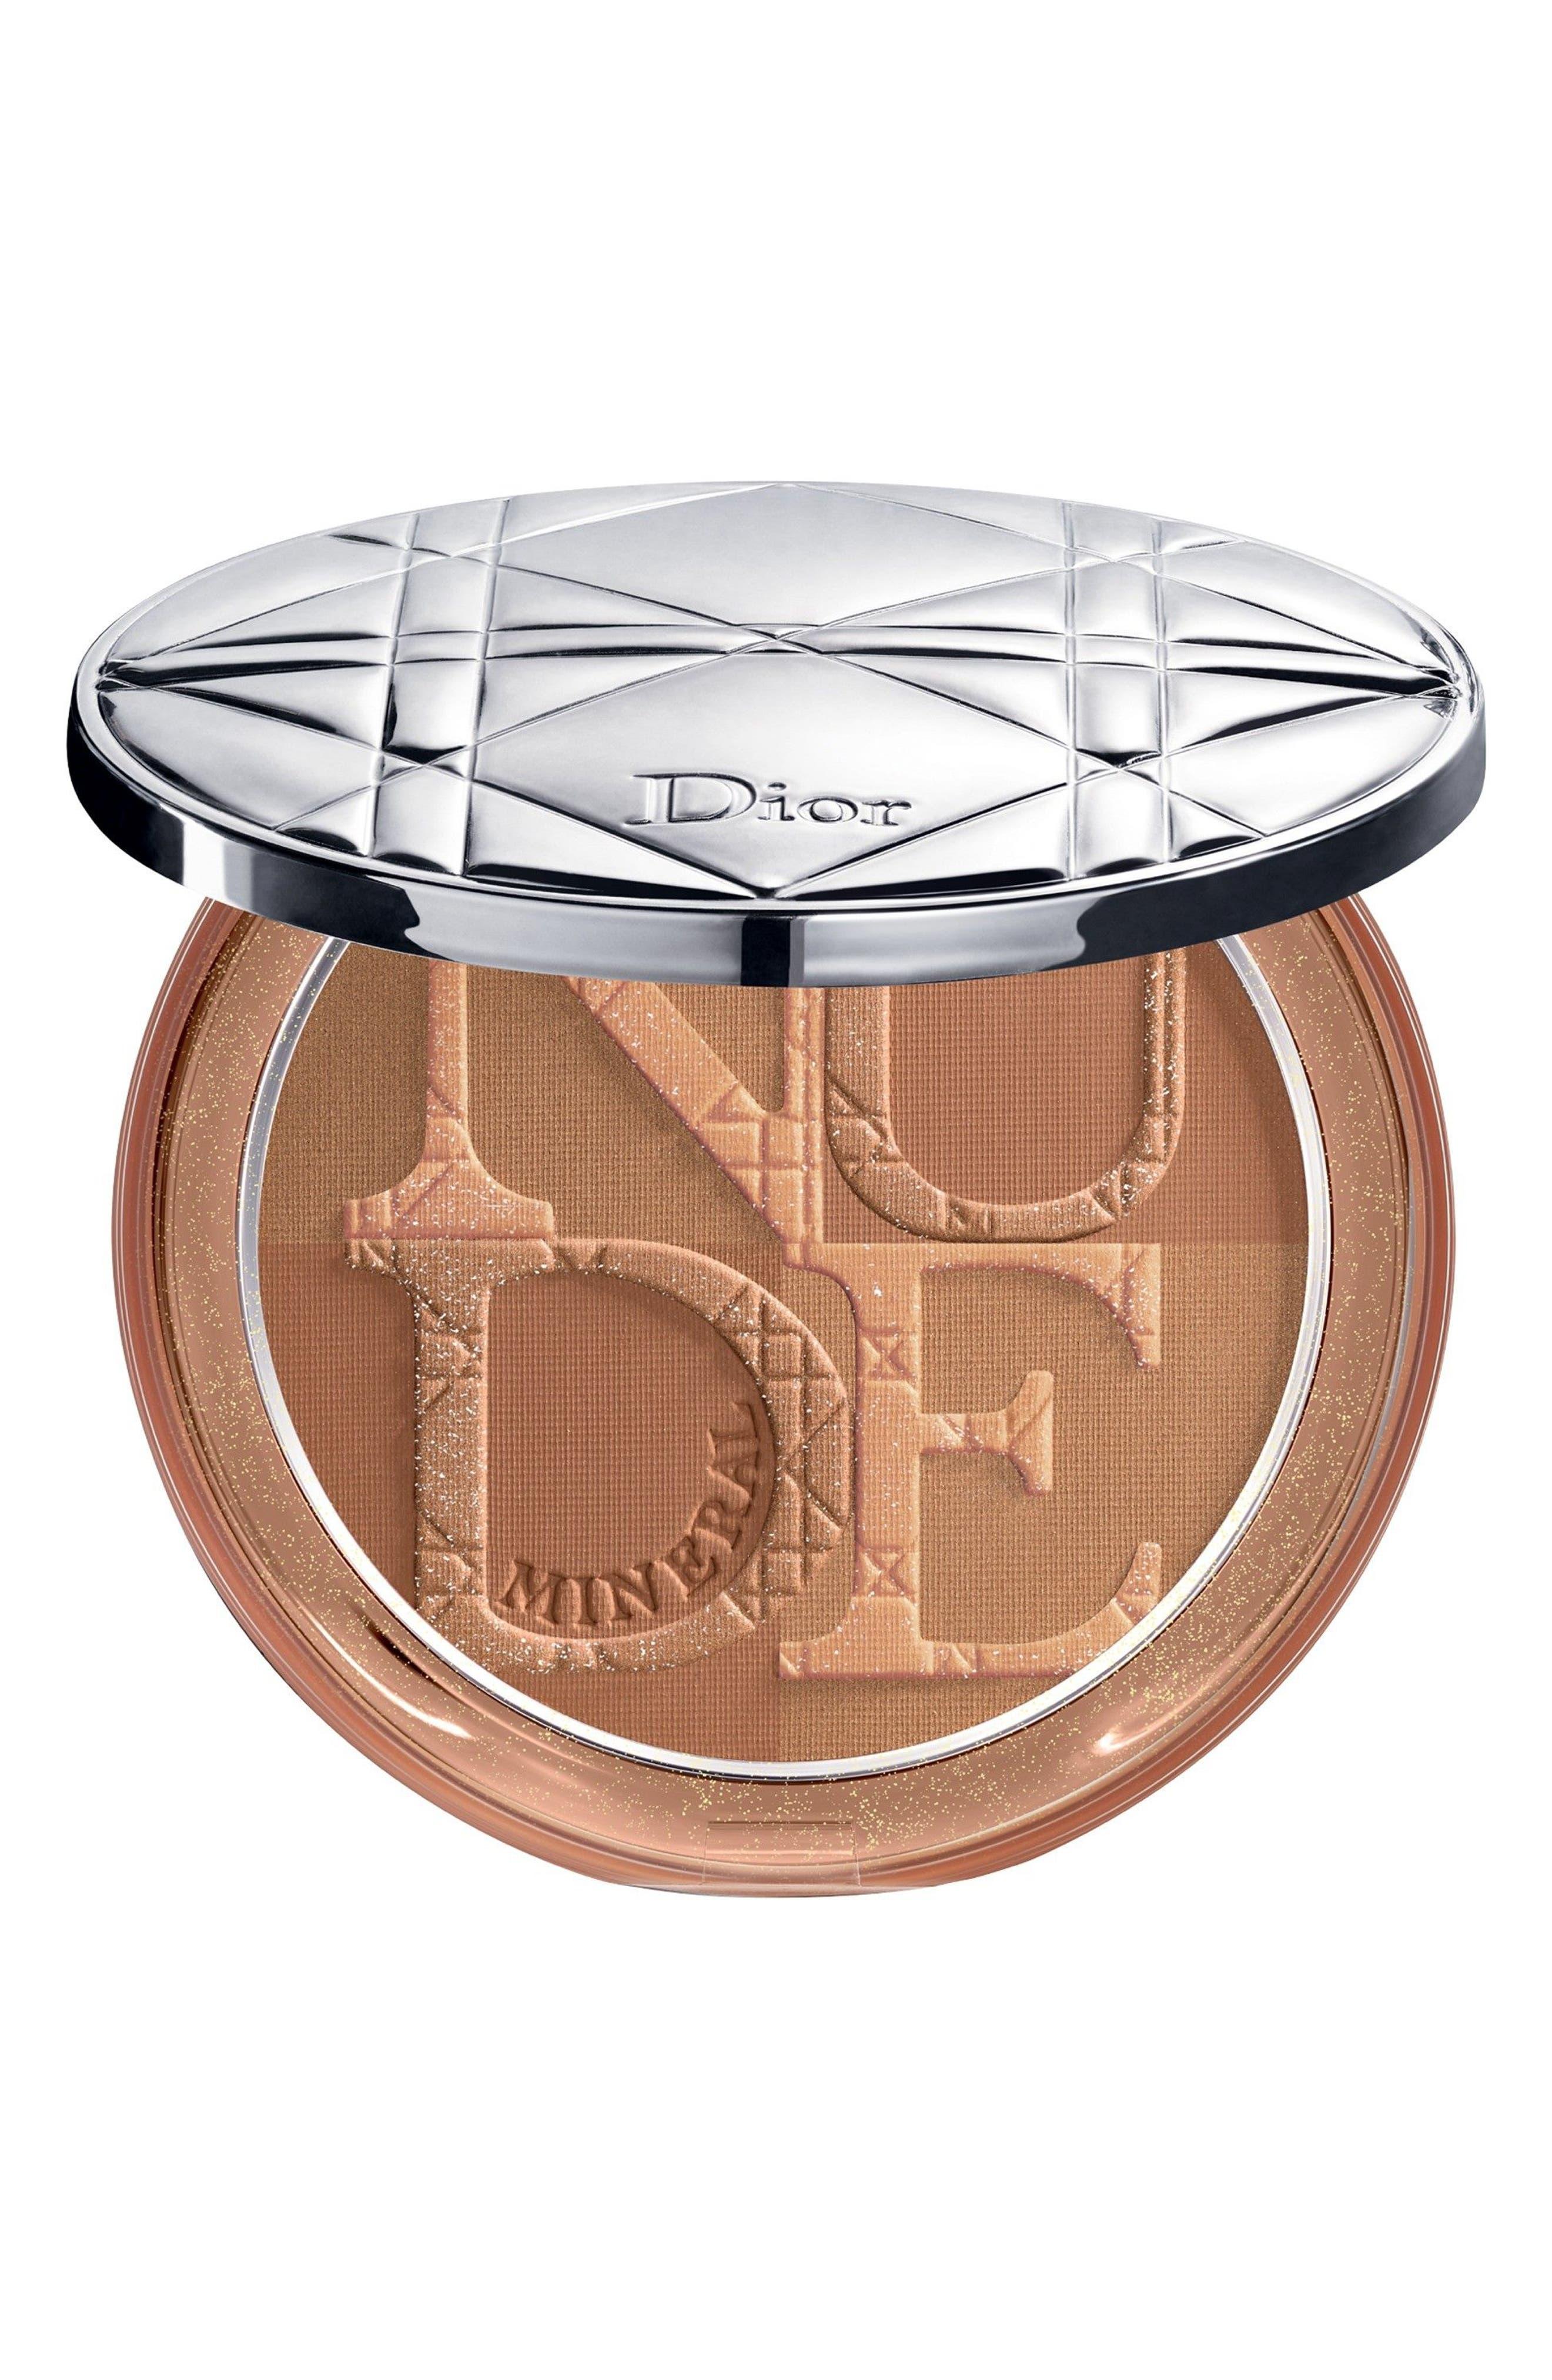 Dior Diorskin Mineral Nude Bronze Powder -